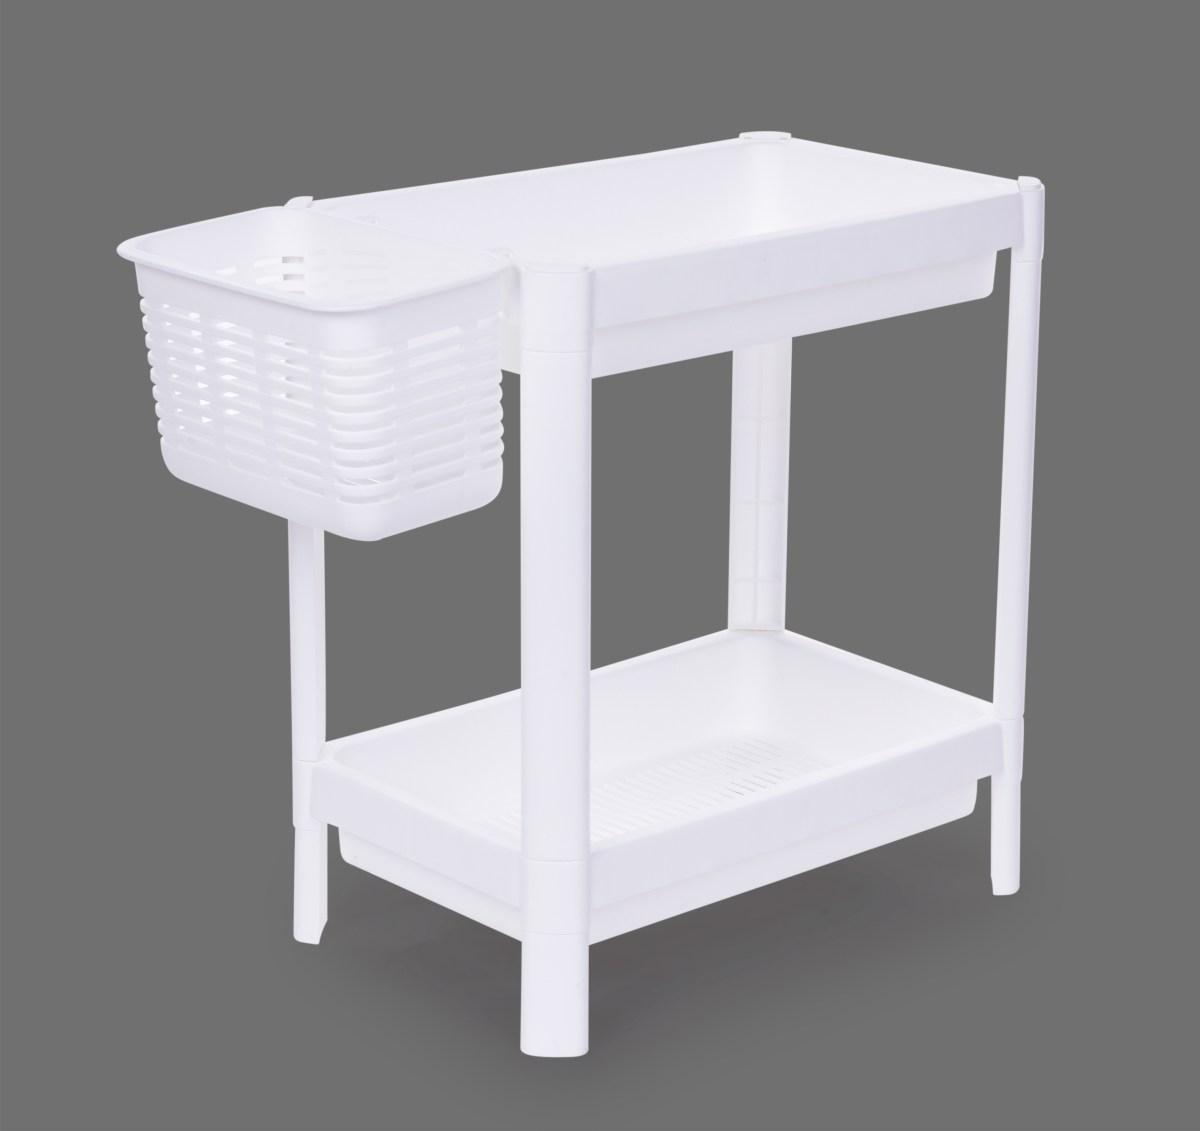 Patrový obdélníkový regál PERFOR WHITE 23 cm, 2 patrový